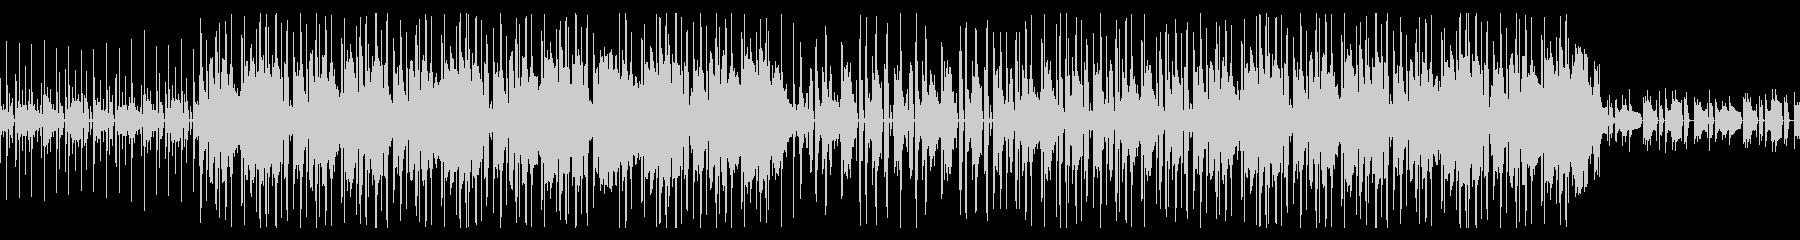 アンニュイなローファイヒップホップの未再生の波形